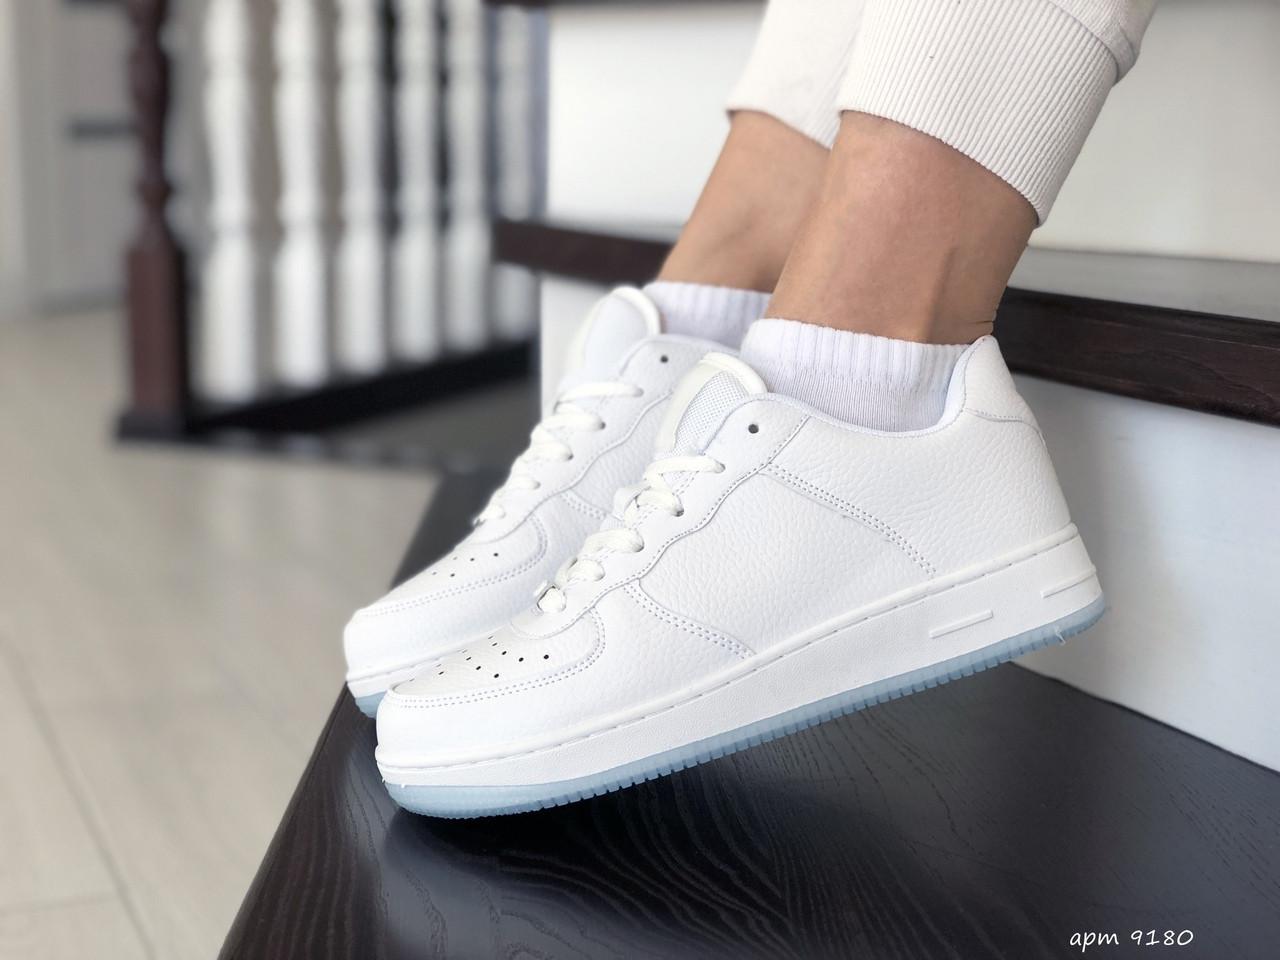 Жіночі шкіряні кросівки Force (білі) 9180